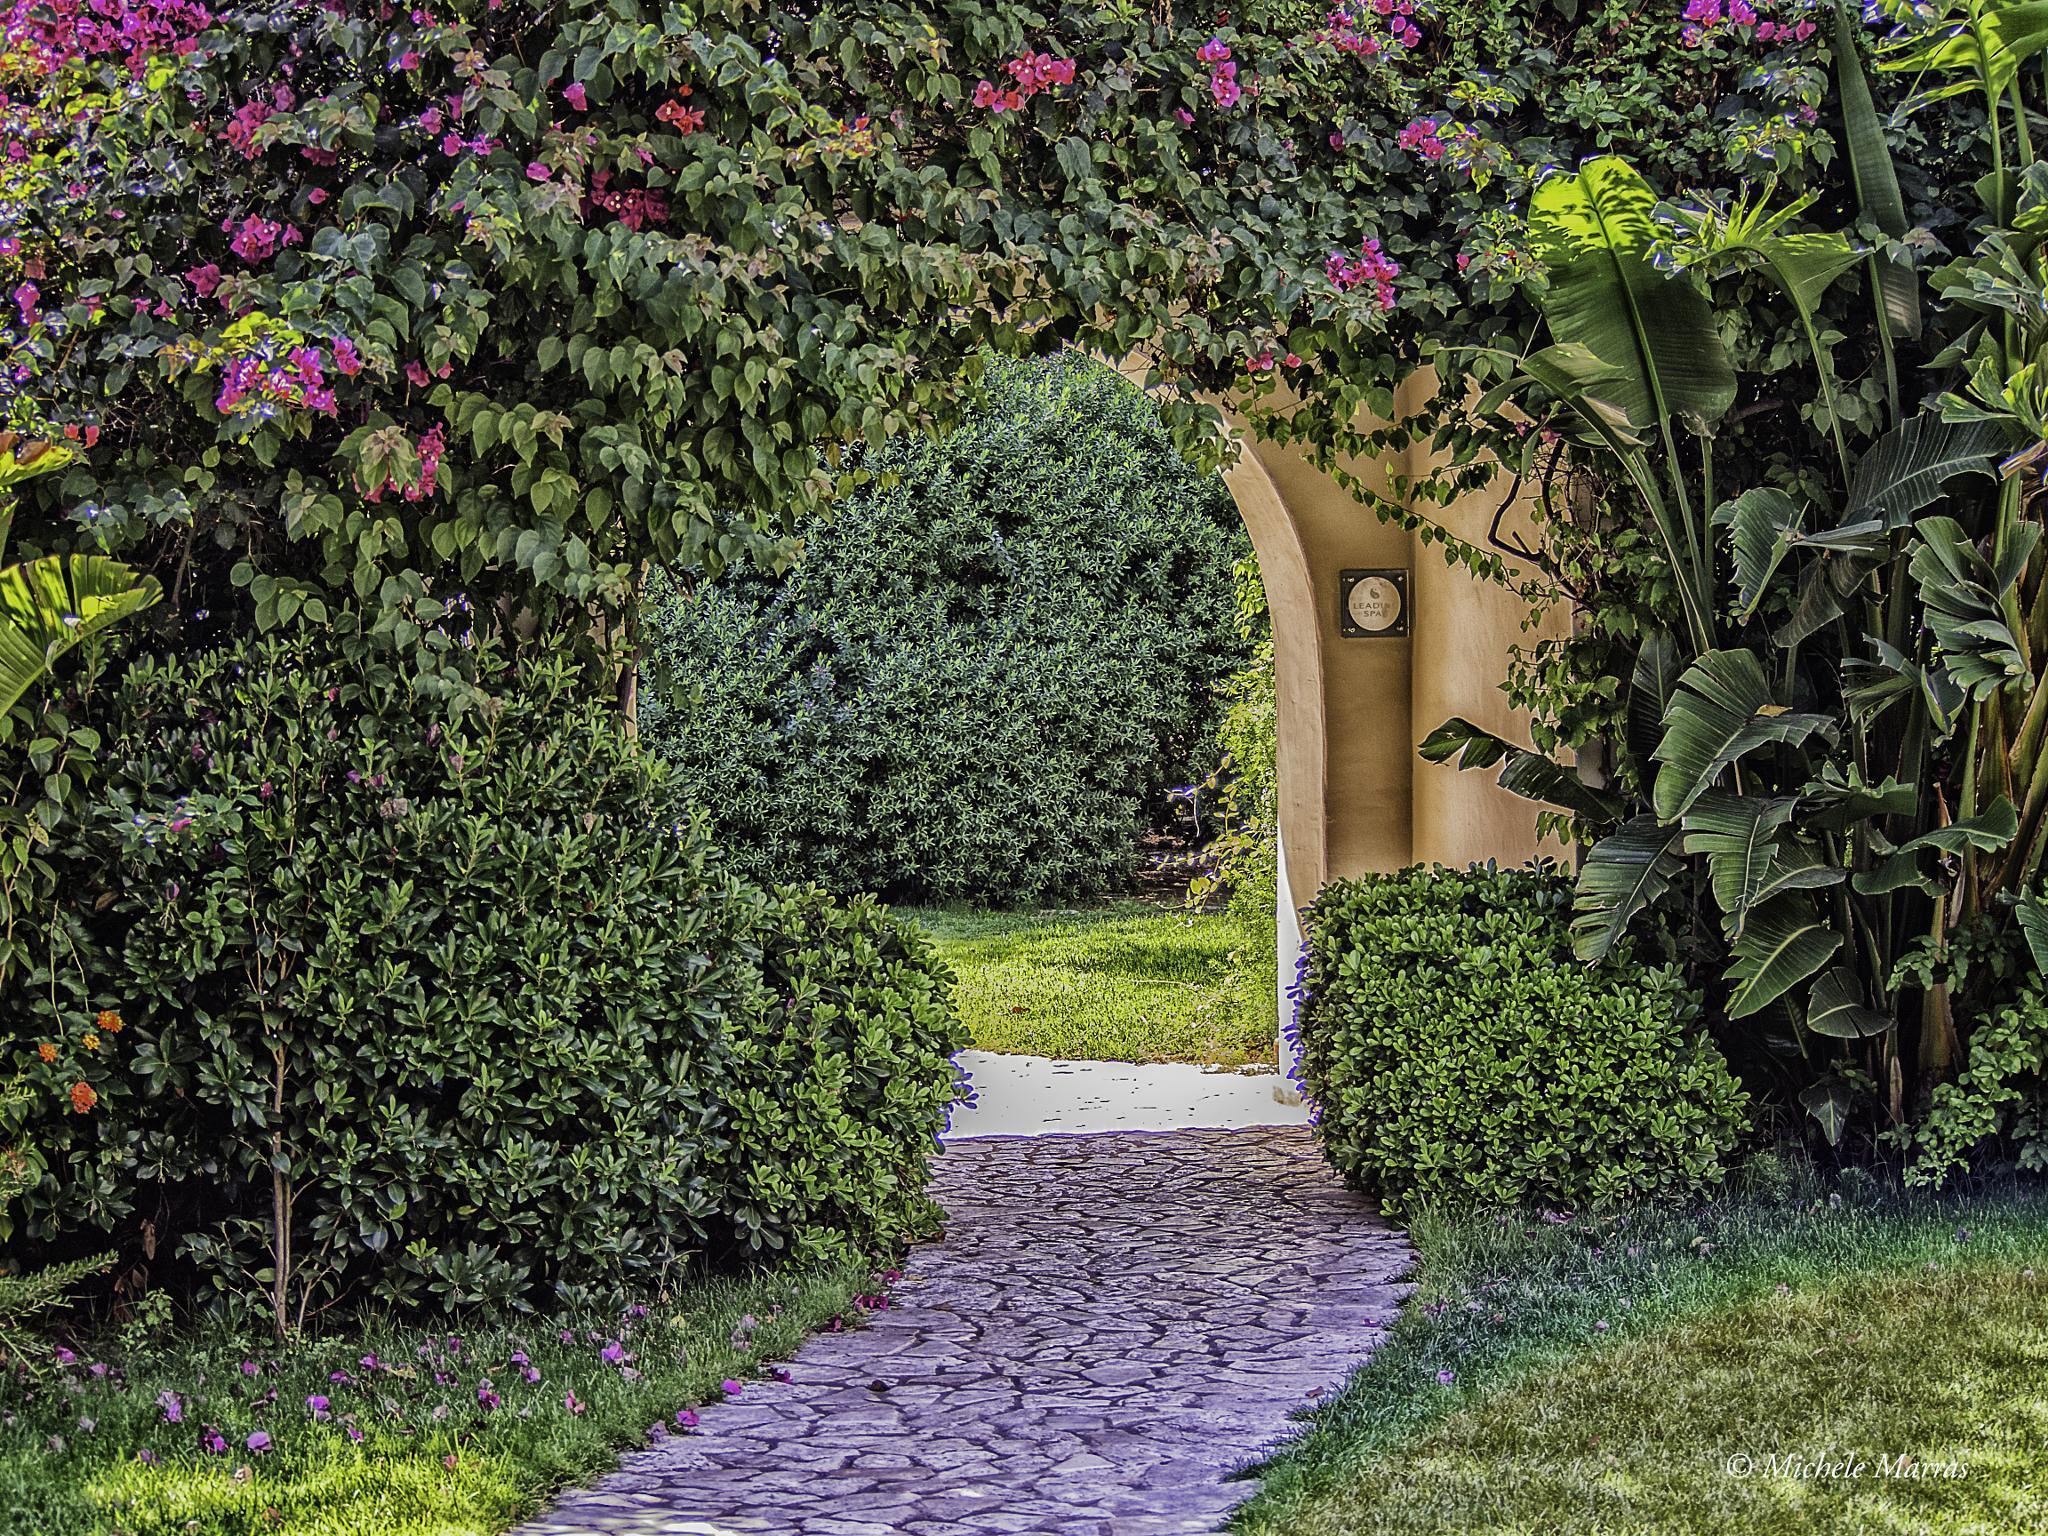 Arco fiorito by Michele Pinna Marras